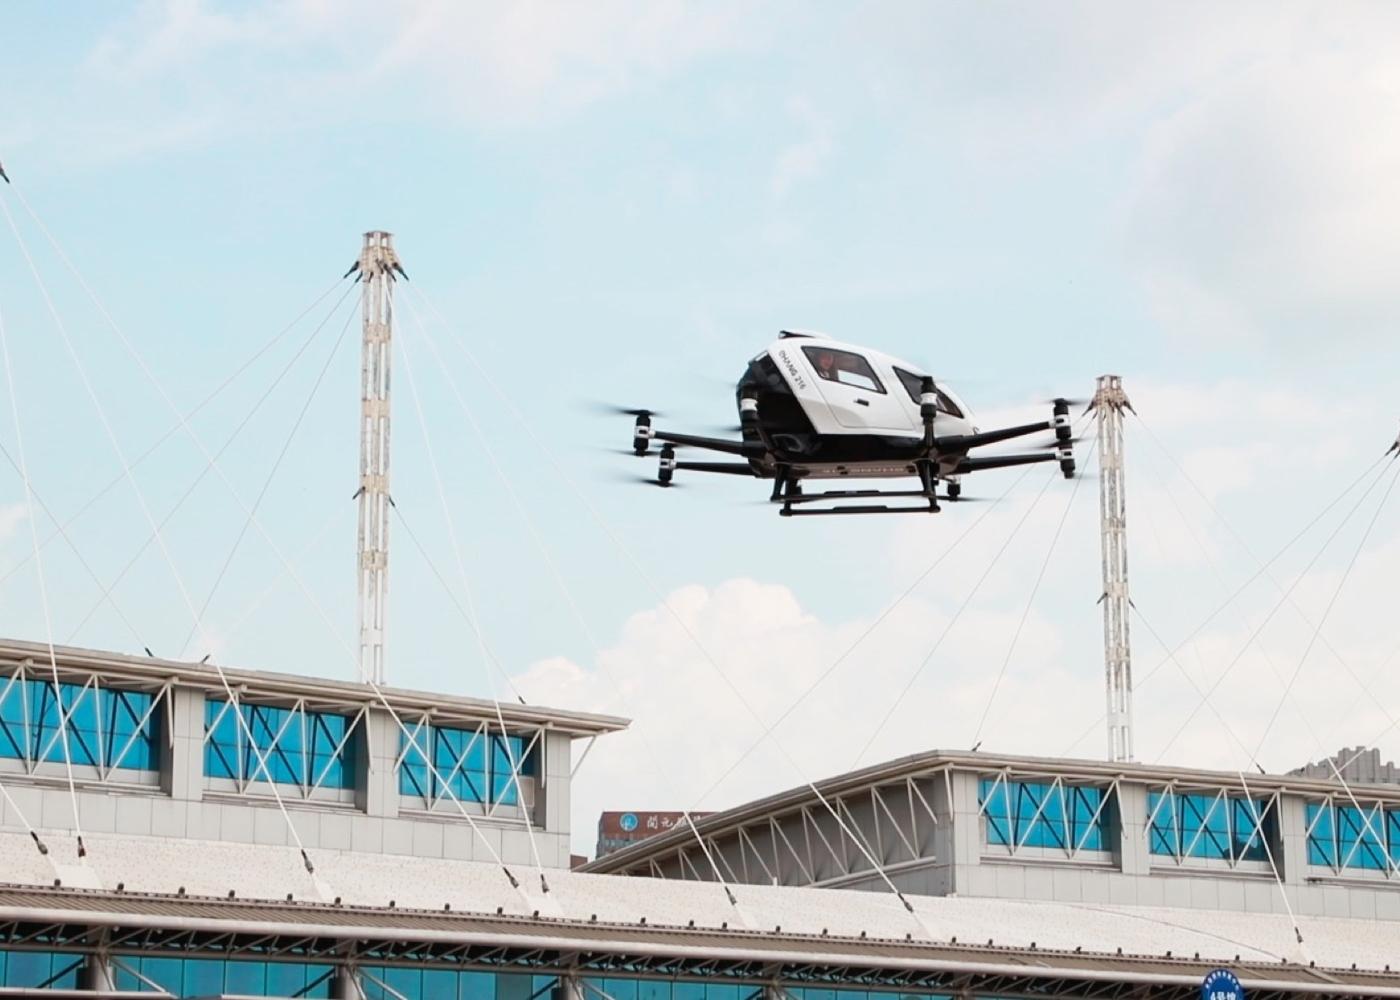 EHang 216 in flight